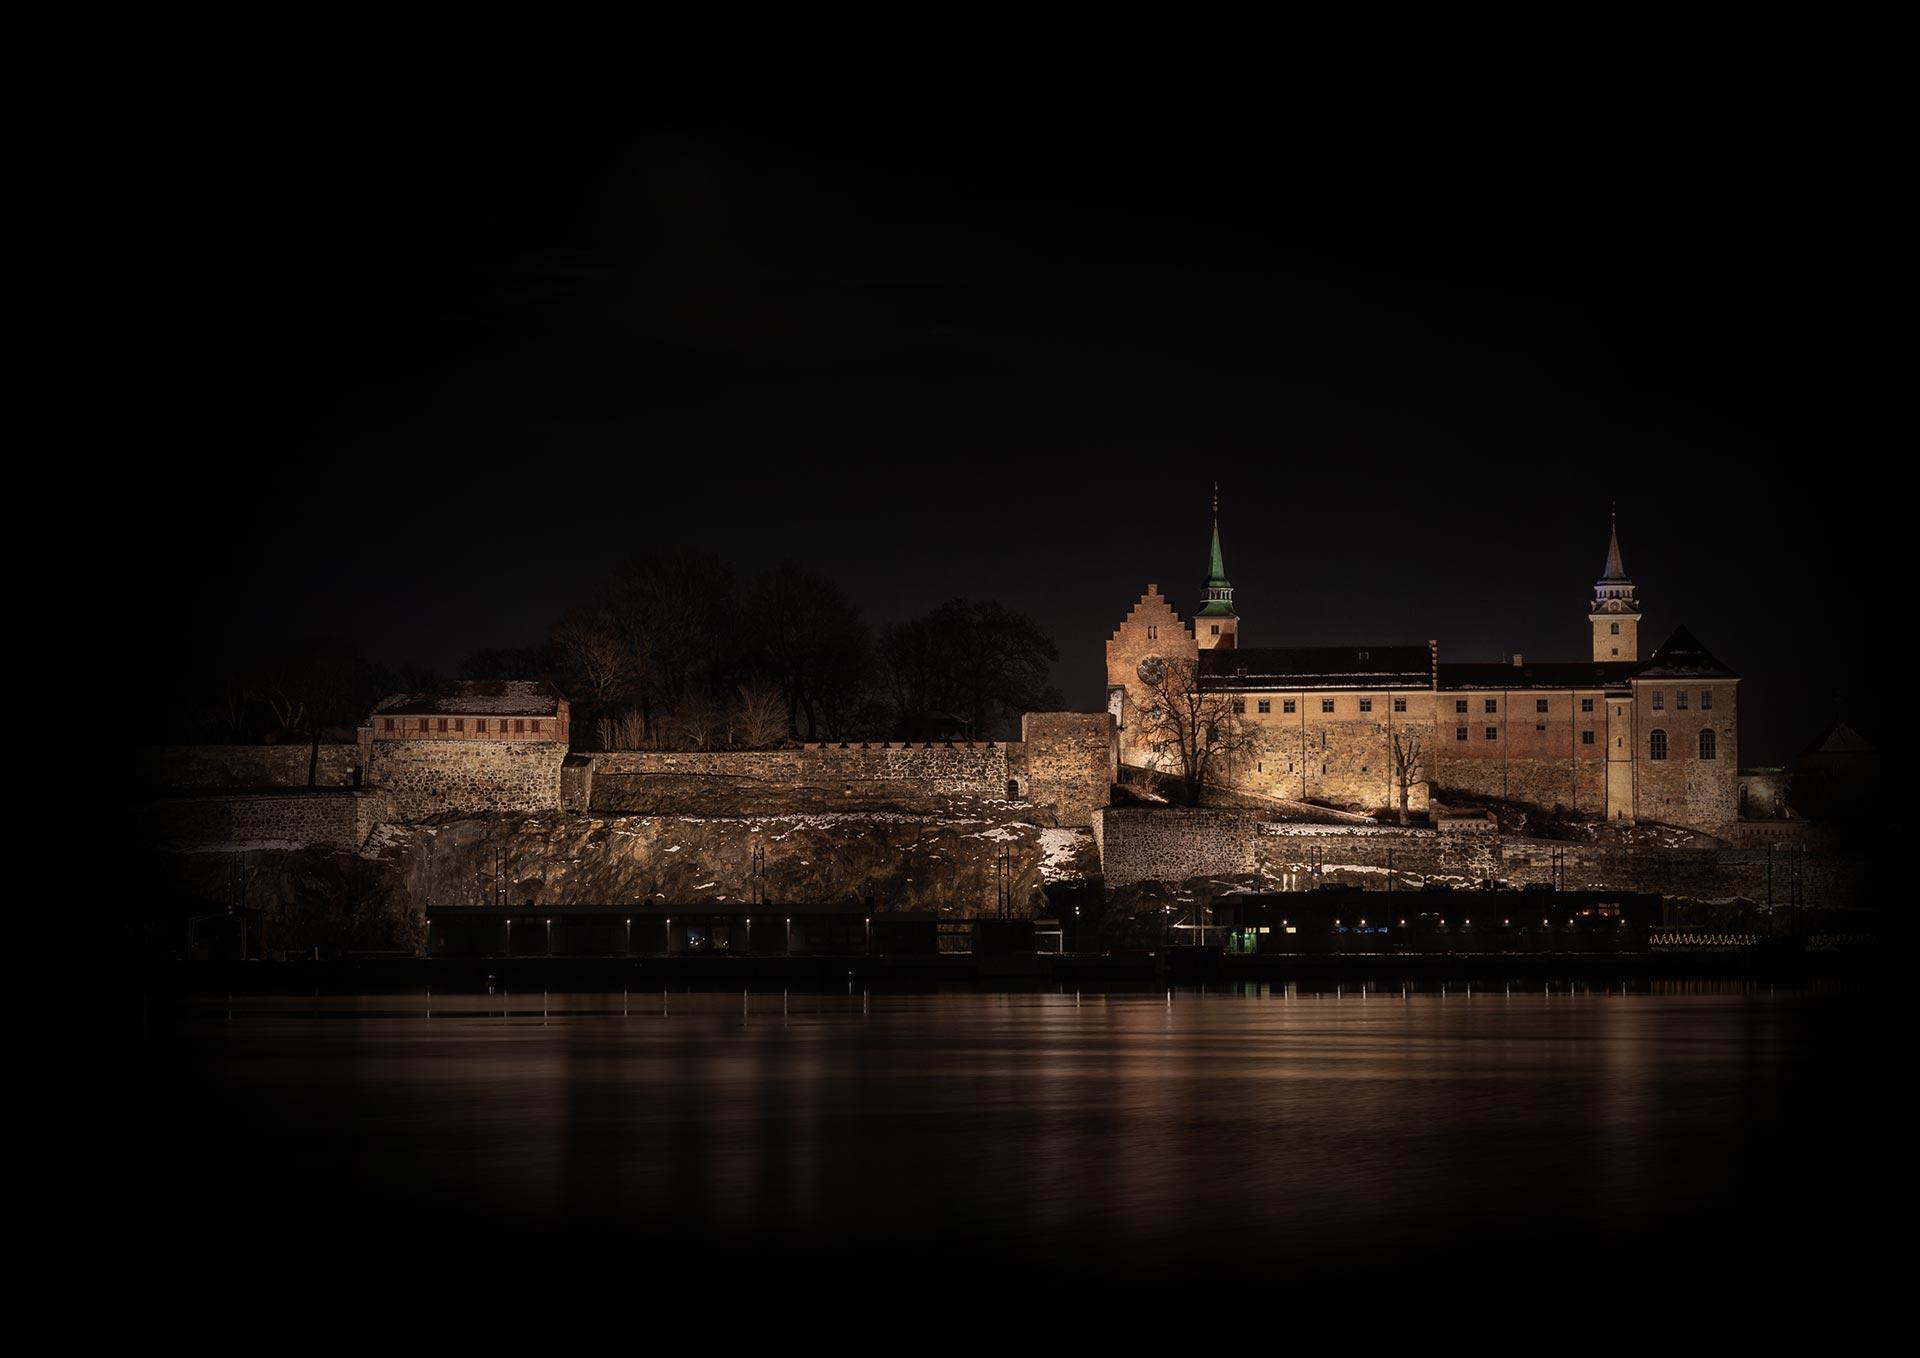 Akershus festning om natten, flombelyst, sett fra Aker Brygge